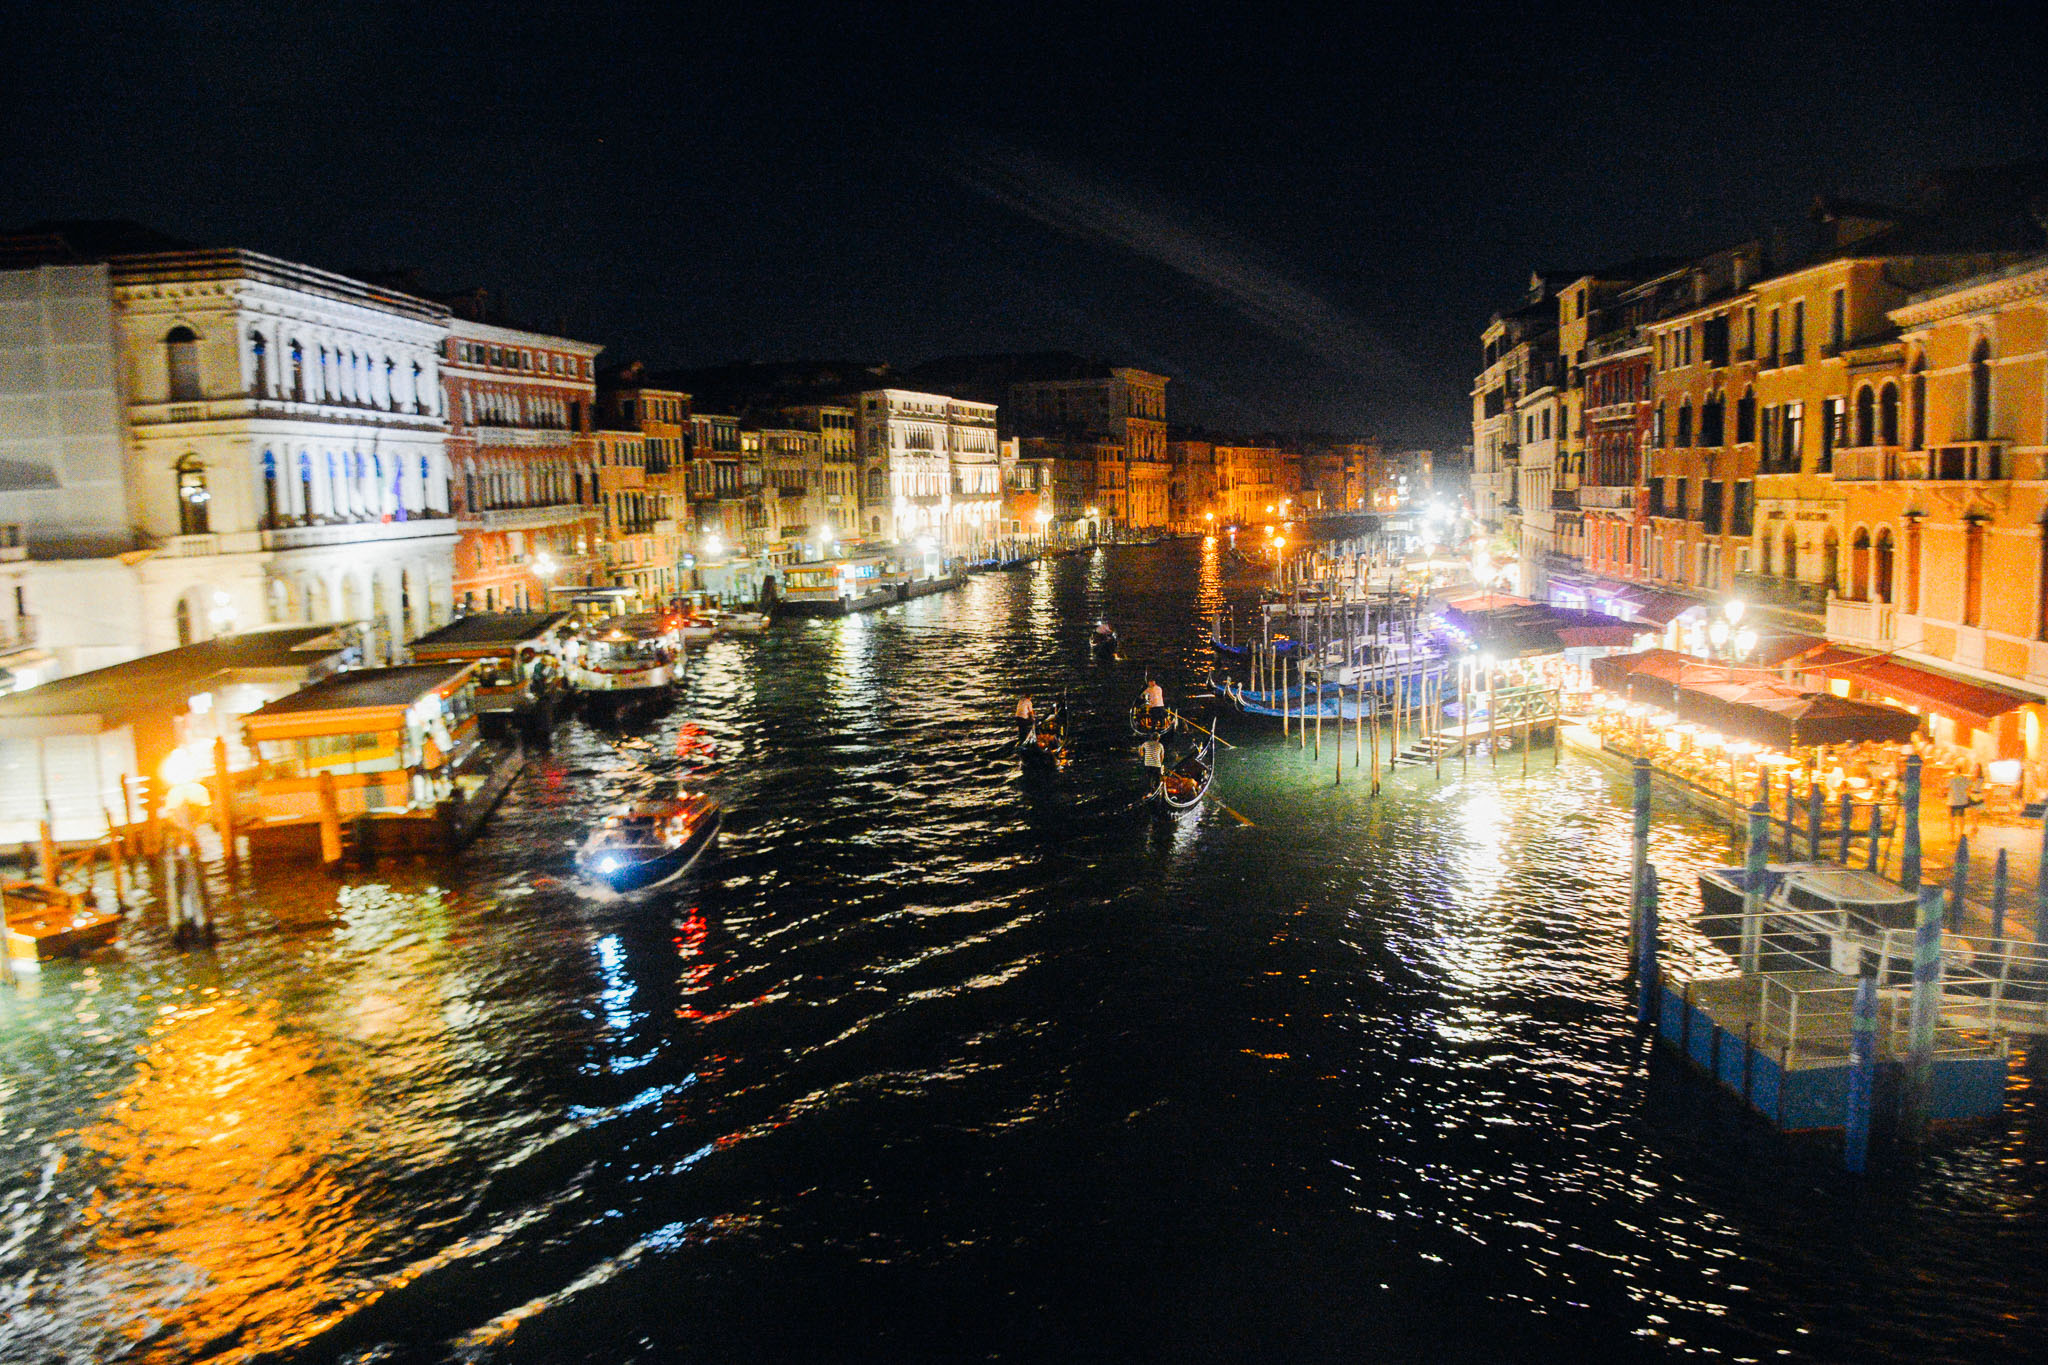 Venice - Where is Per